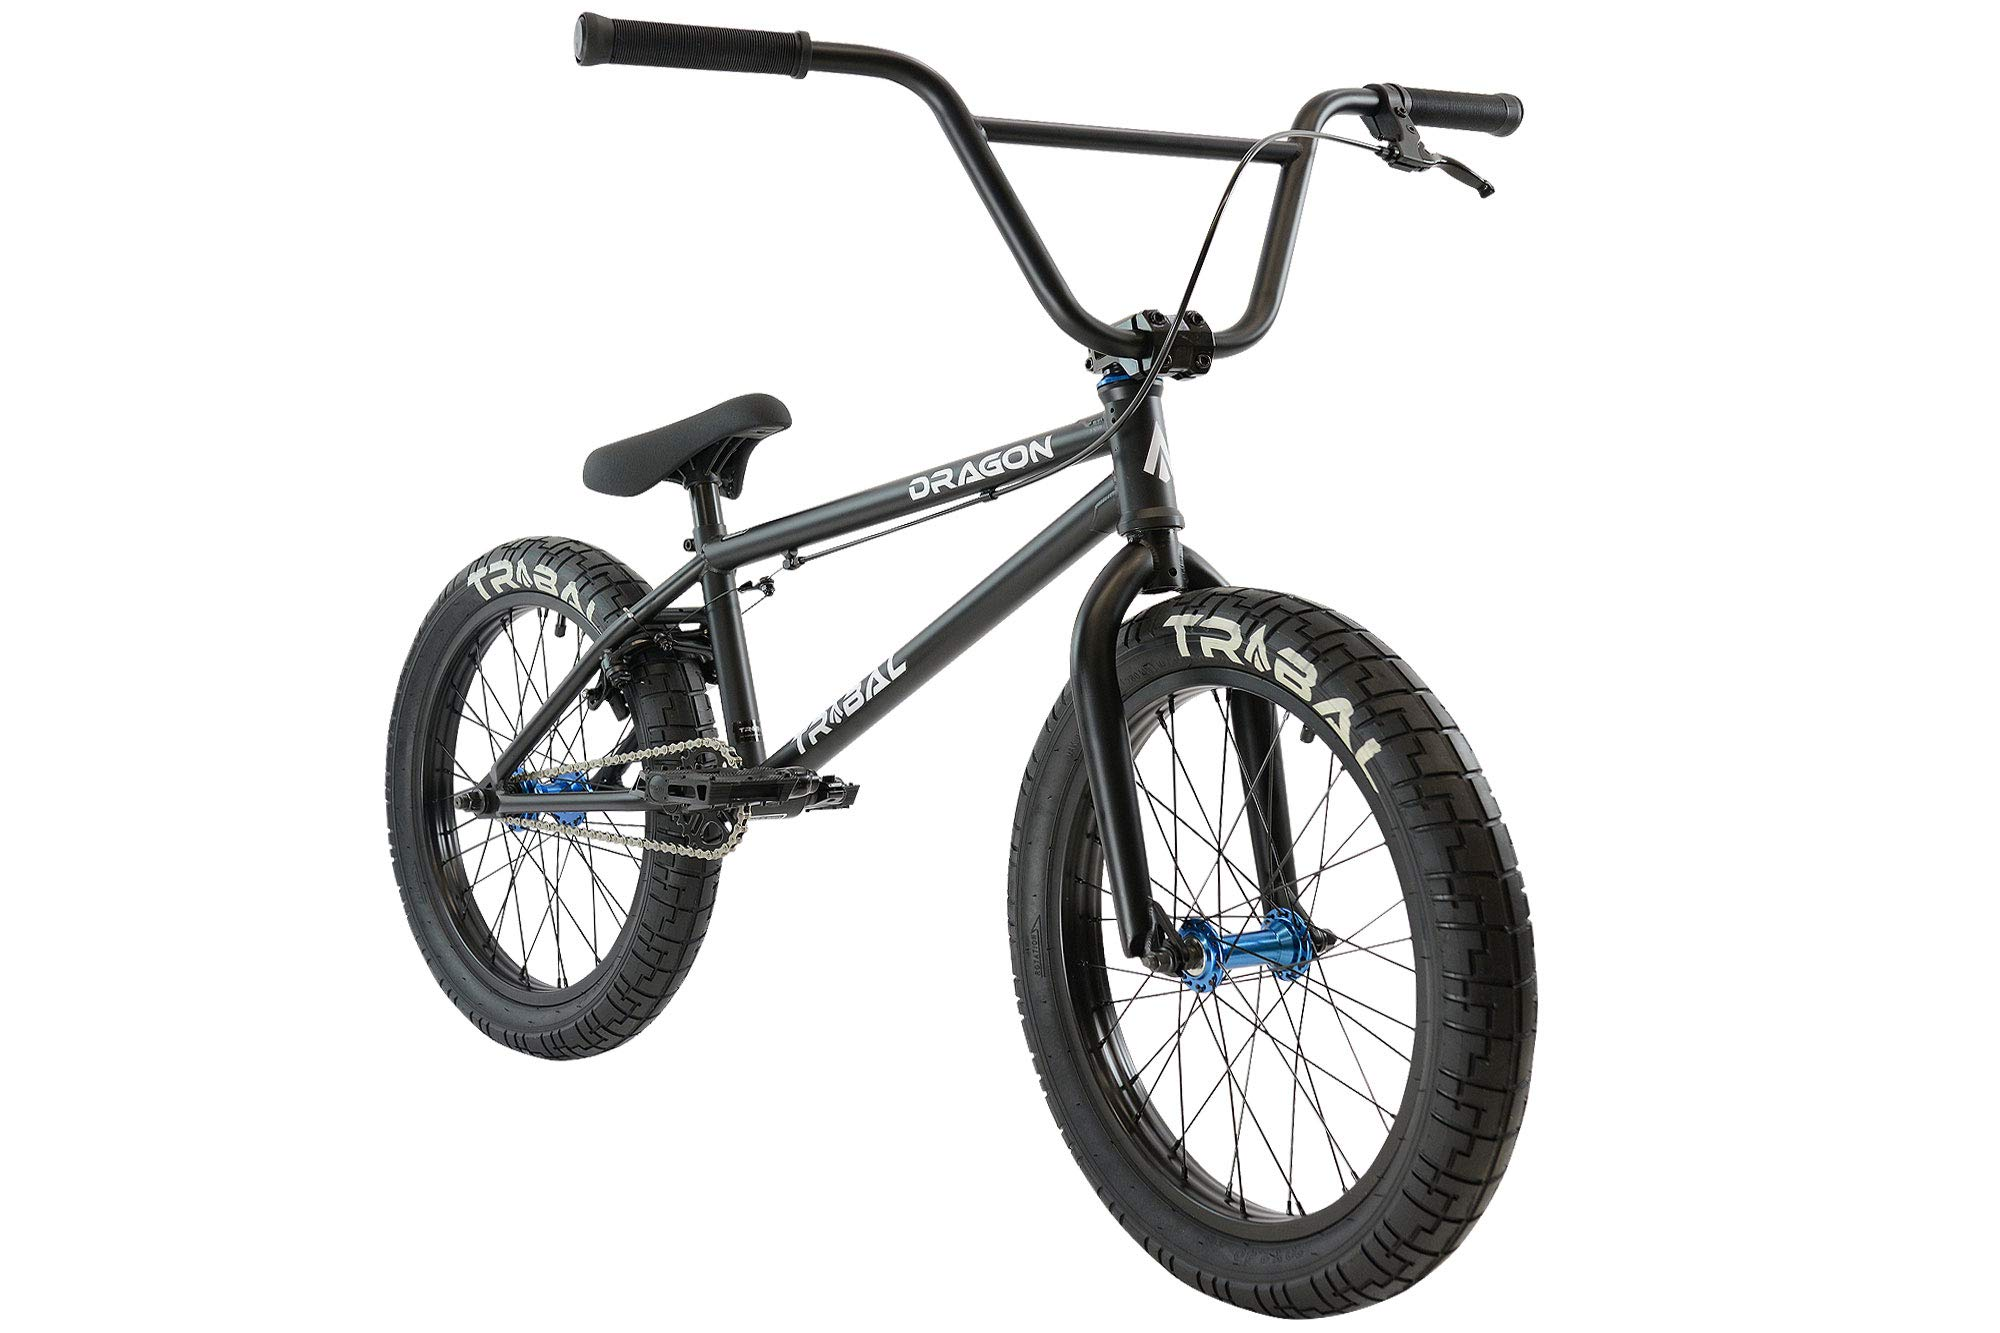 Tribal Dragon Bicicleta BMX – Piezas negro mate/azul: Amazon.es: Deportes y aire libre